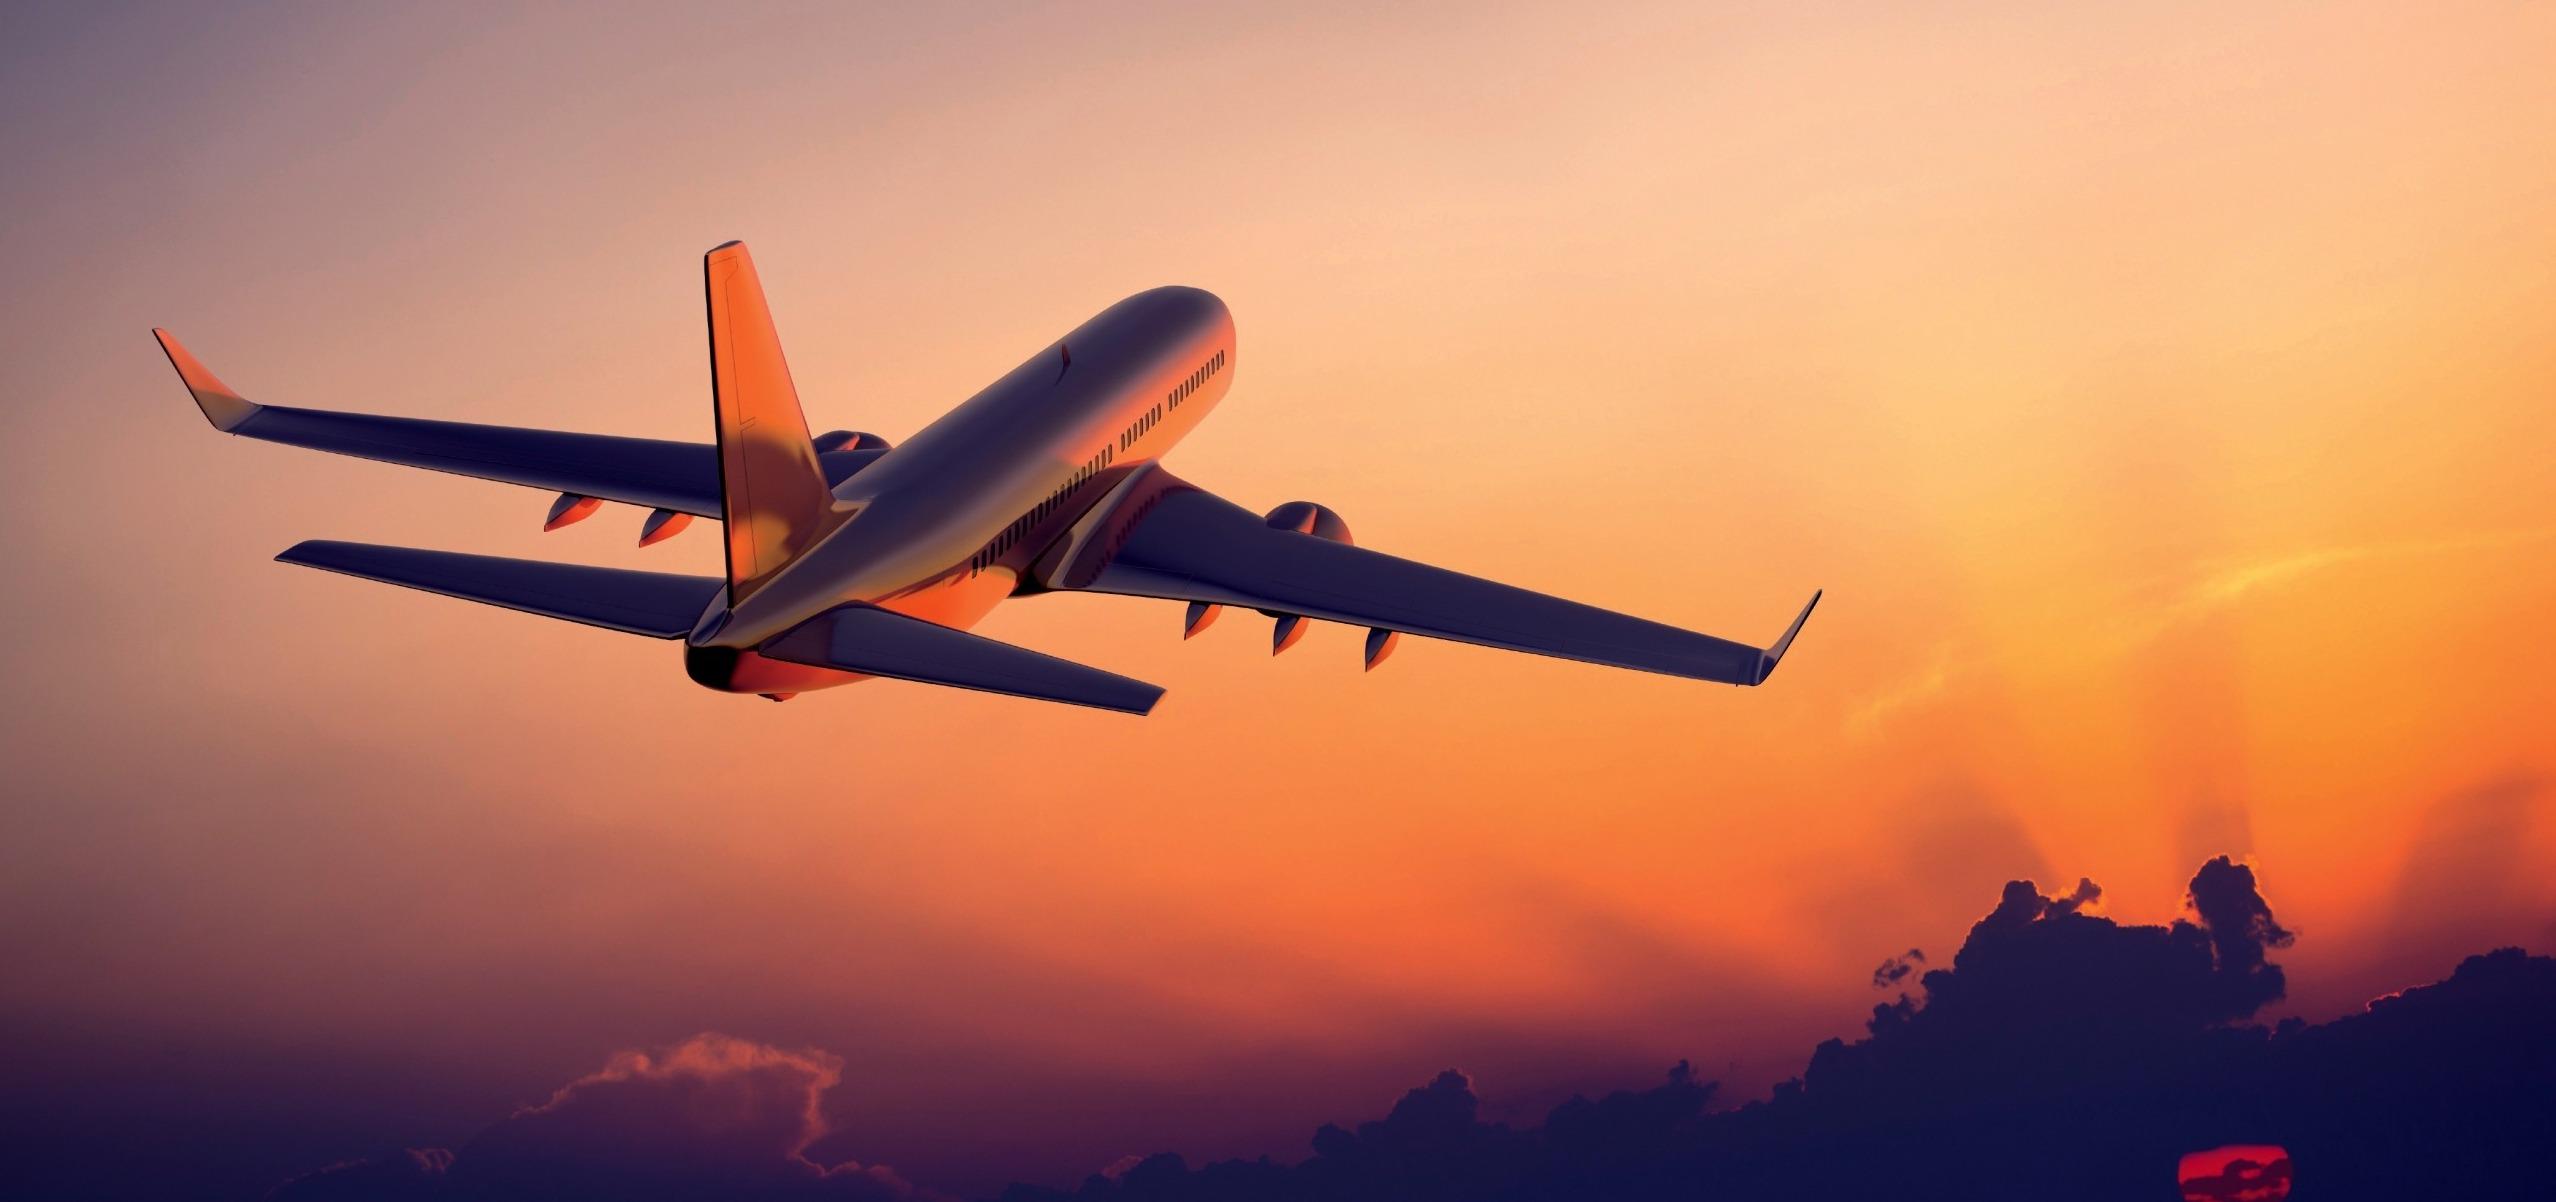 Seguro de viaje internacional a los Estados Unidos